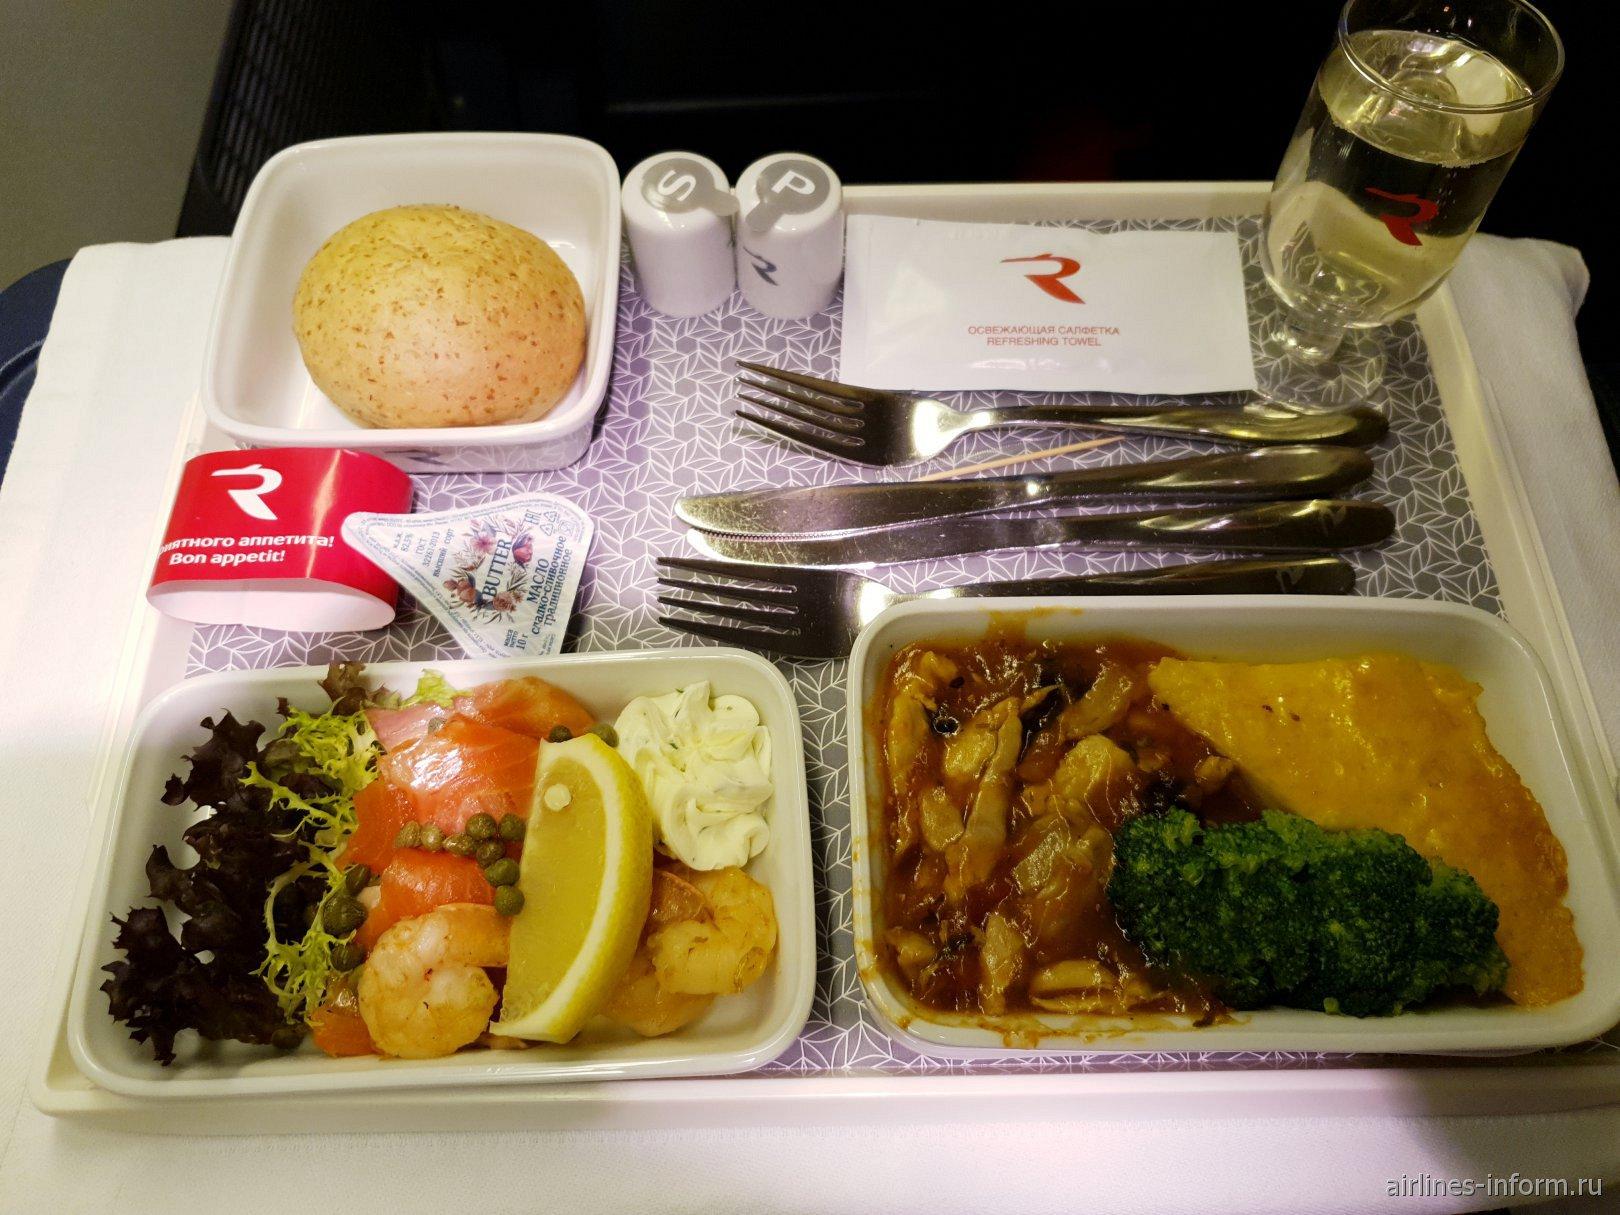 Питание в бизнес-классе авиакомпании